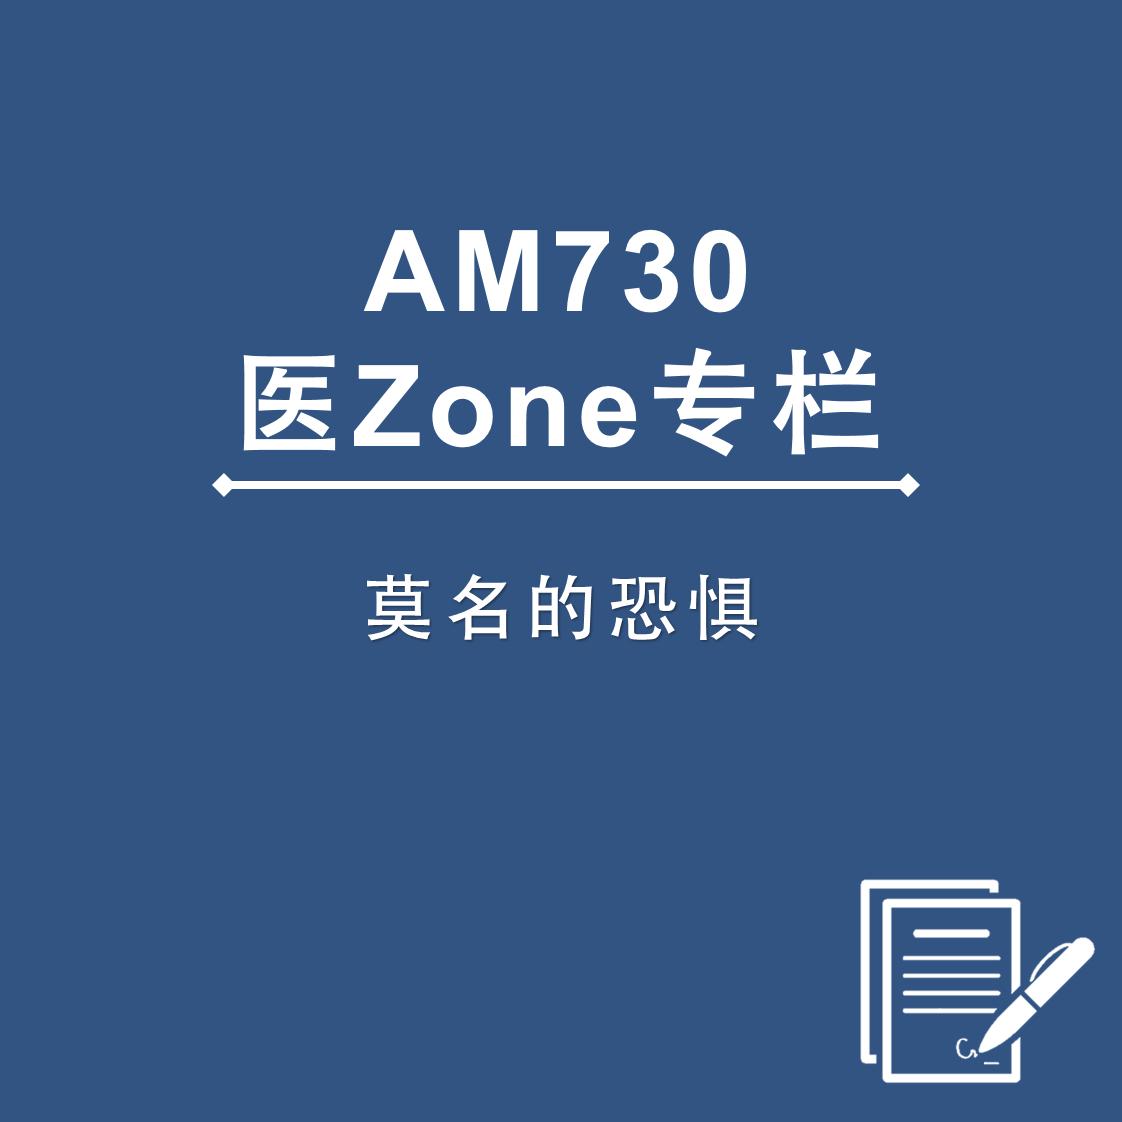 AM730 医Zone 专栏 - 莫名的恐惧